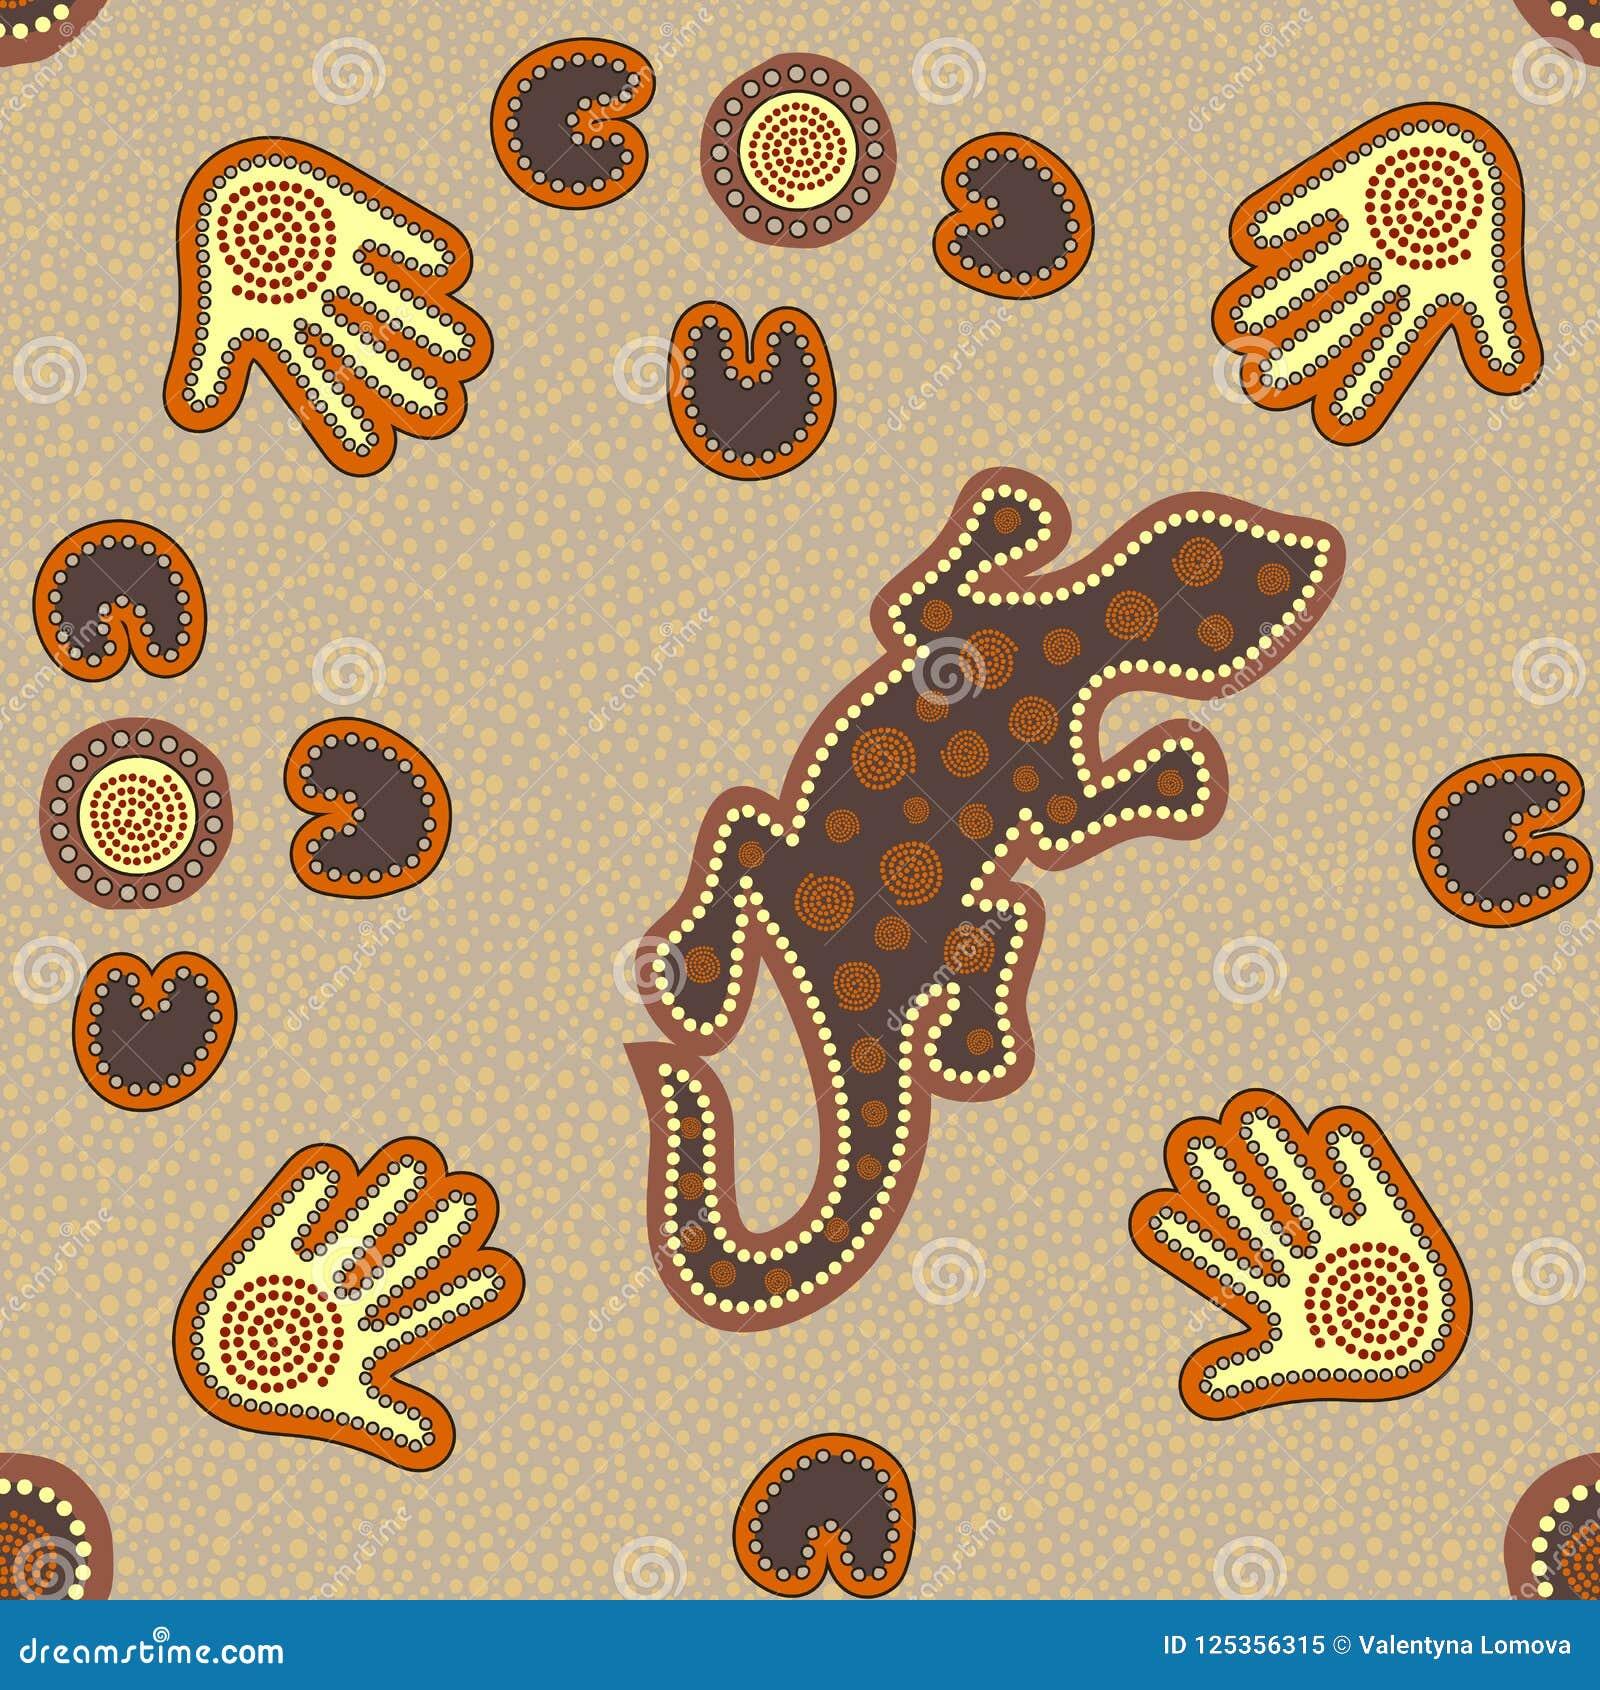 Australisch inheems naadloos patroon met gestippelde cirkels, hagedis, palmen, boemerangen en spiralen